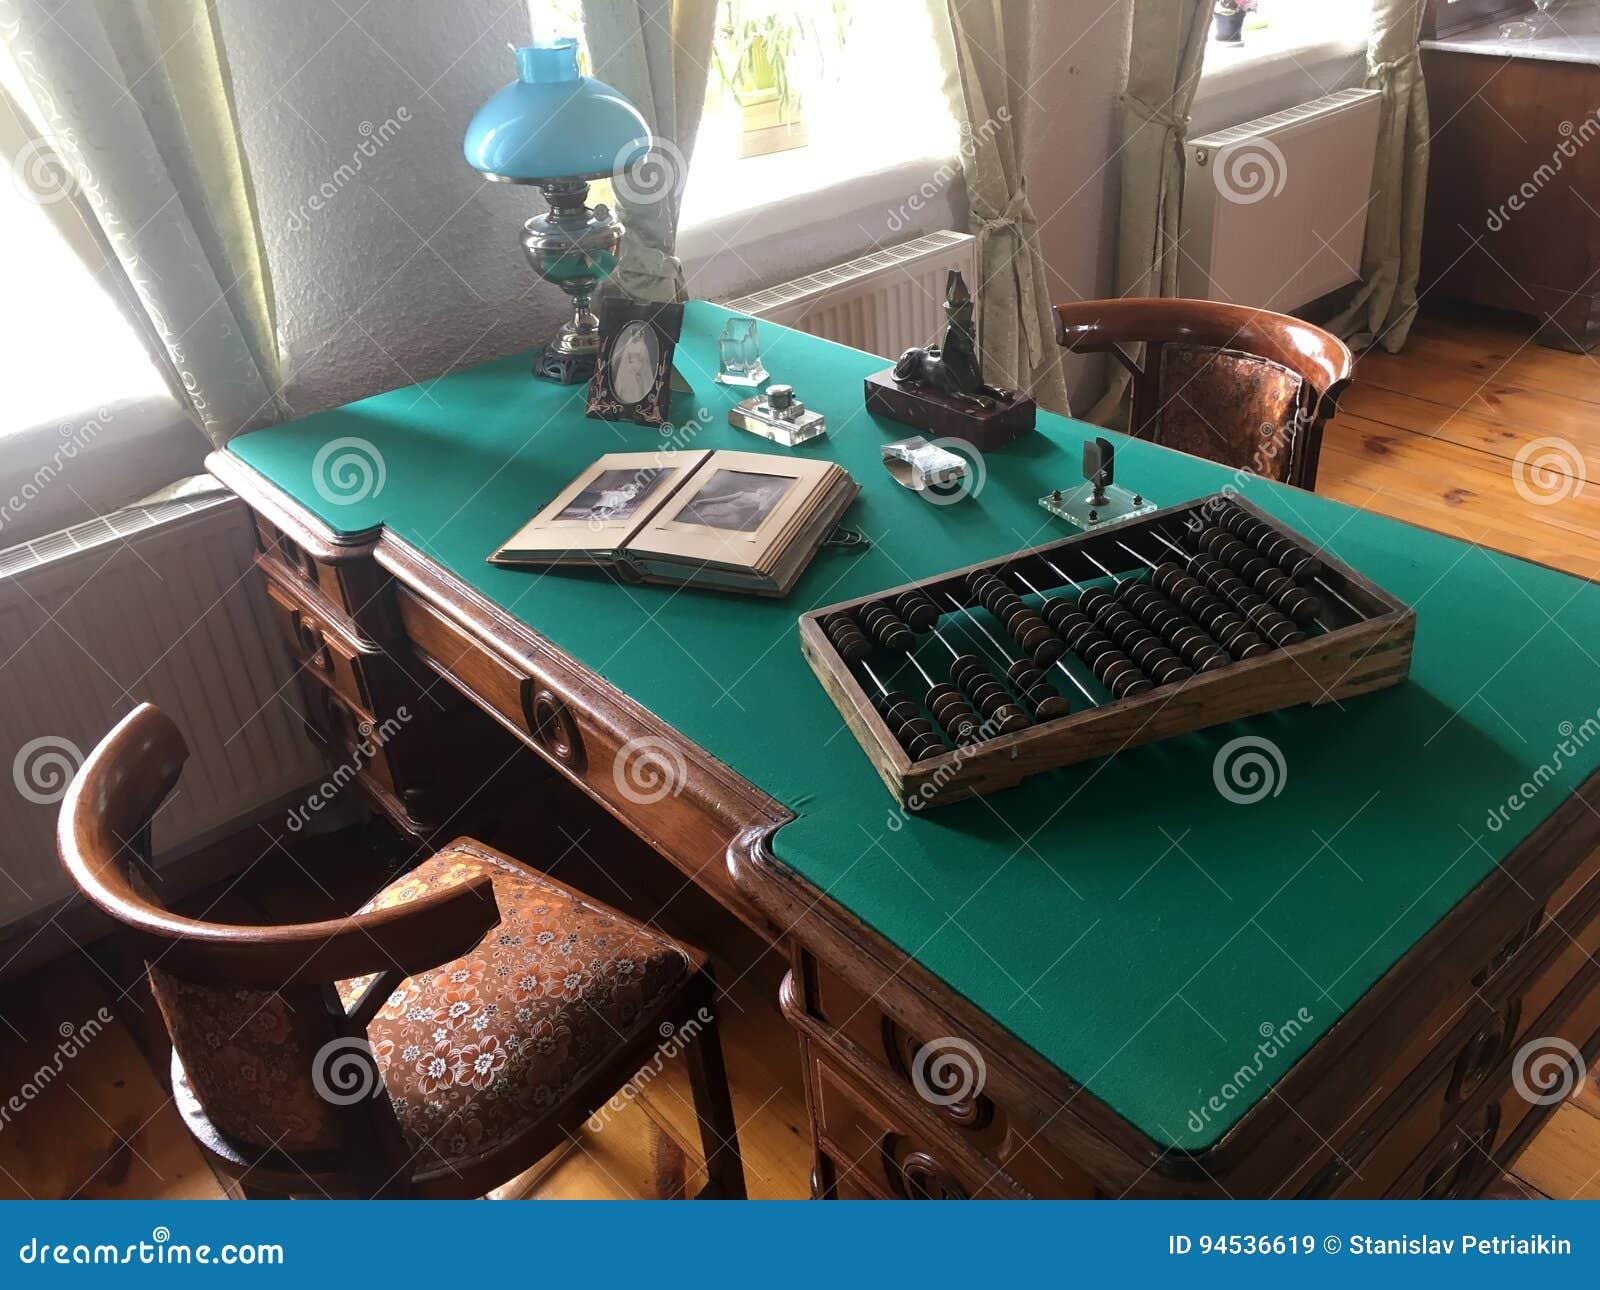 Berömda Antikt Funktionsdugligt Skrivbord Med En Lampa, Böcker, Dokument CY-43